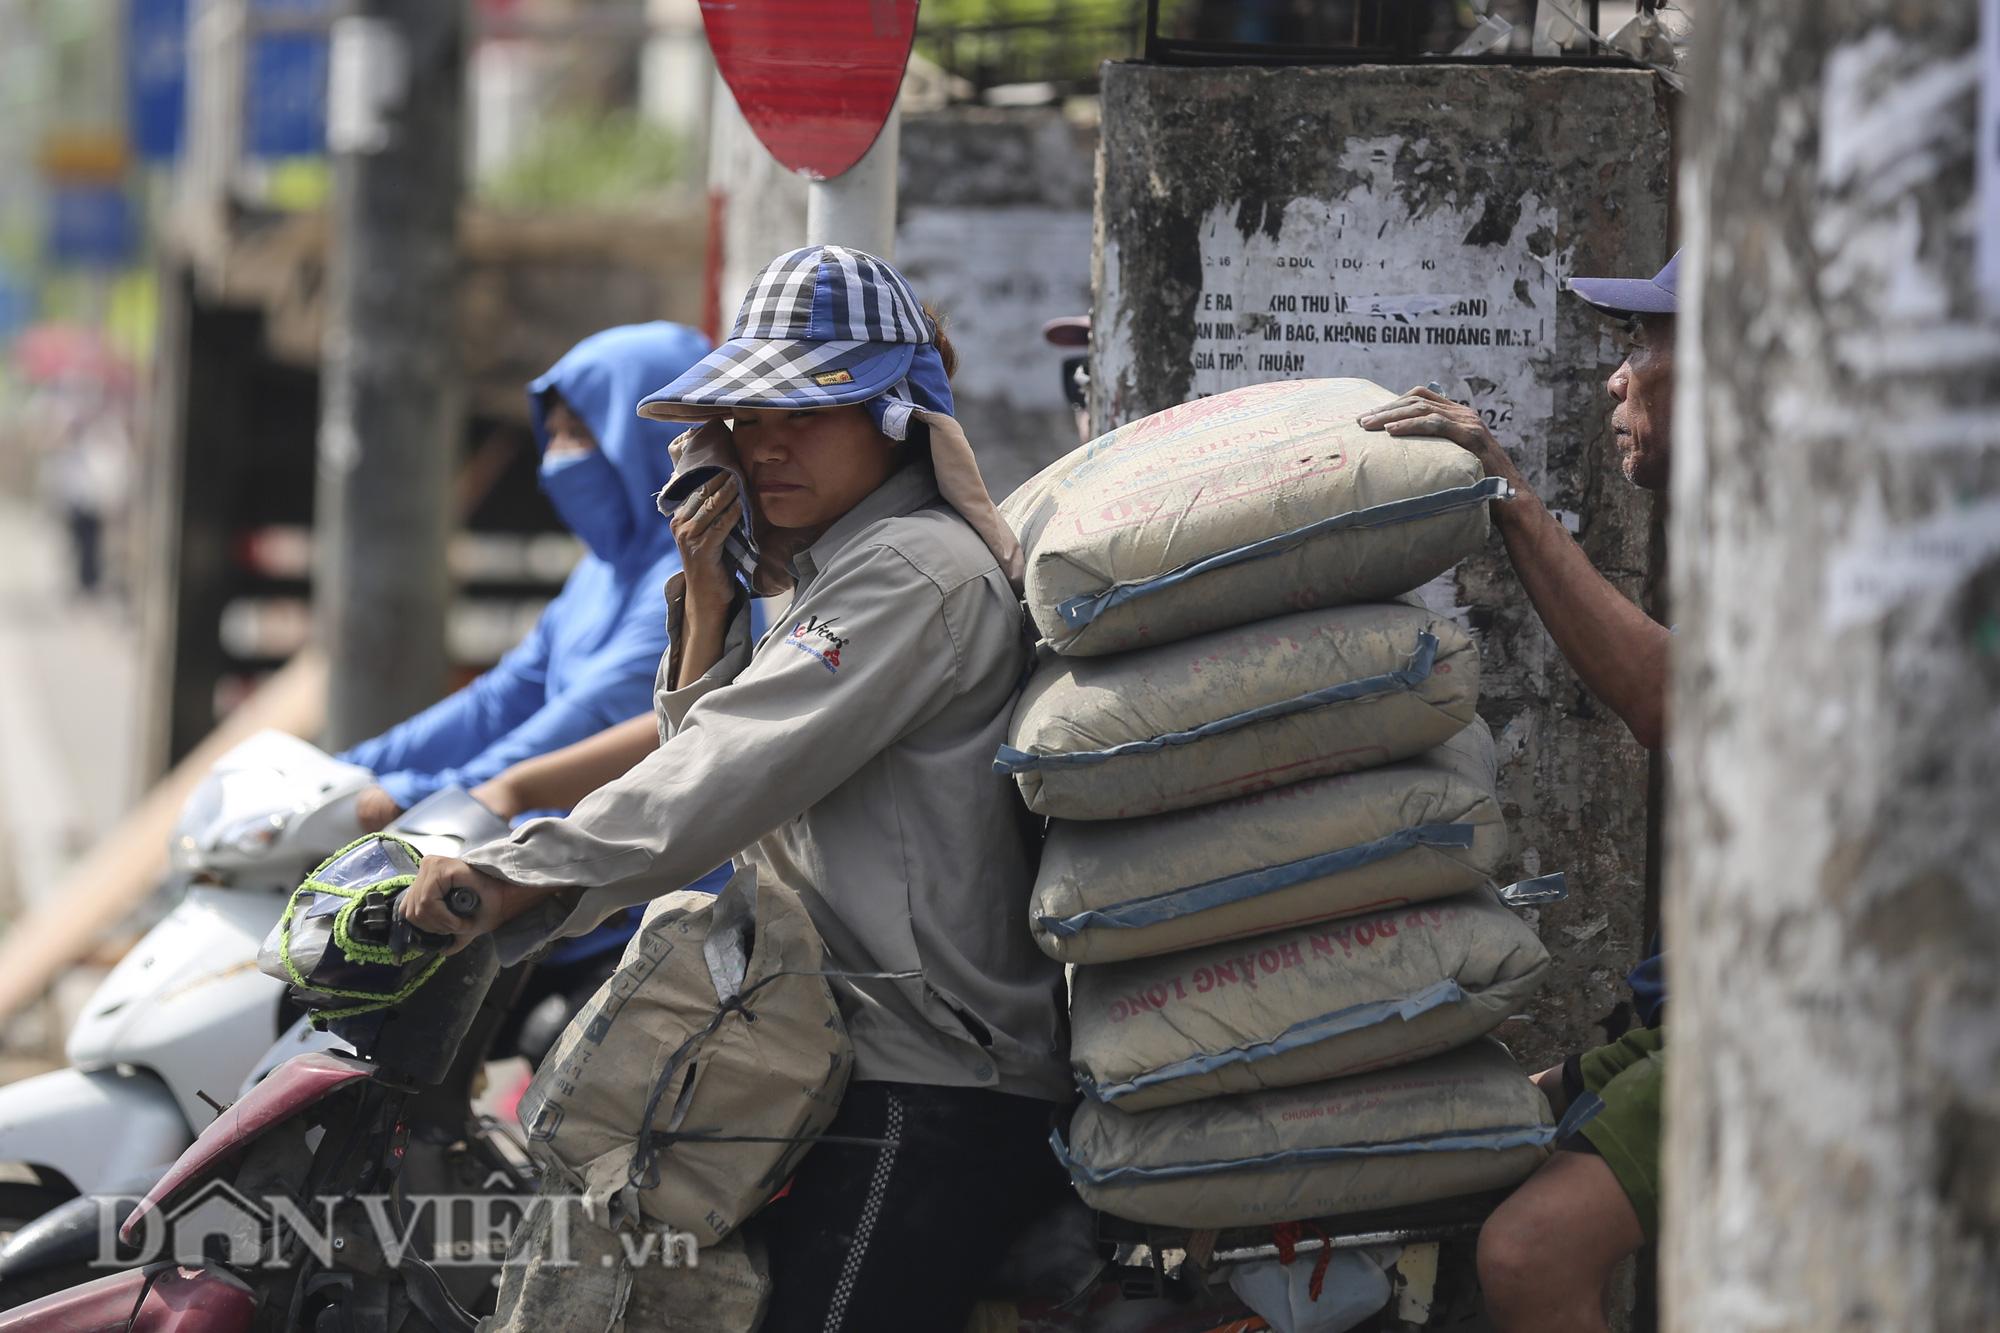 """Đường phố Hà Nội """"bốc hơi"""", người đi đường khốn khổ trong cái nắng 42 độ C - Ảnh 8."""